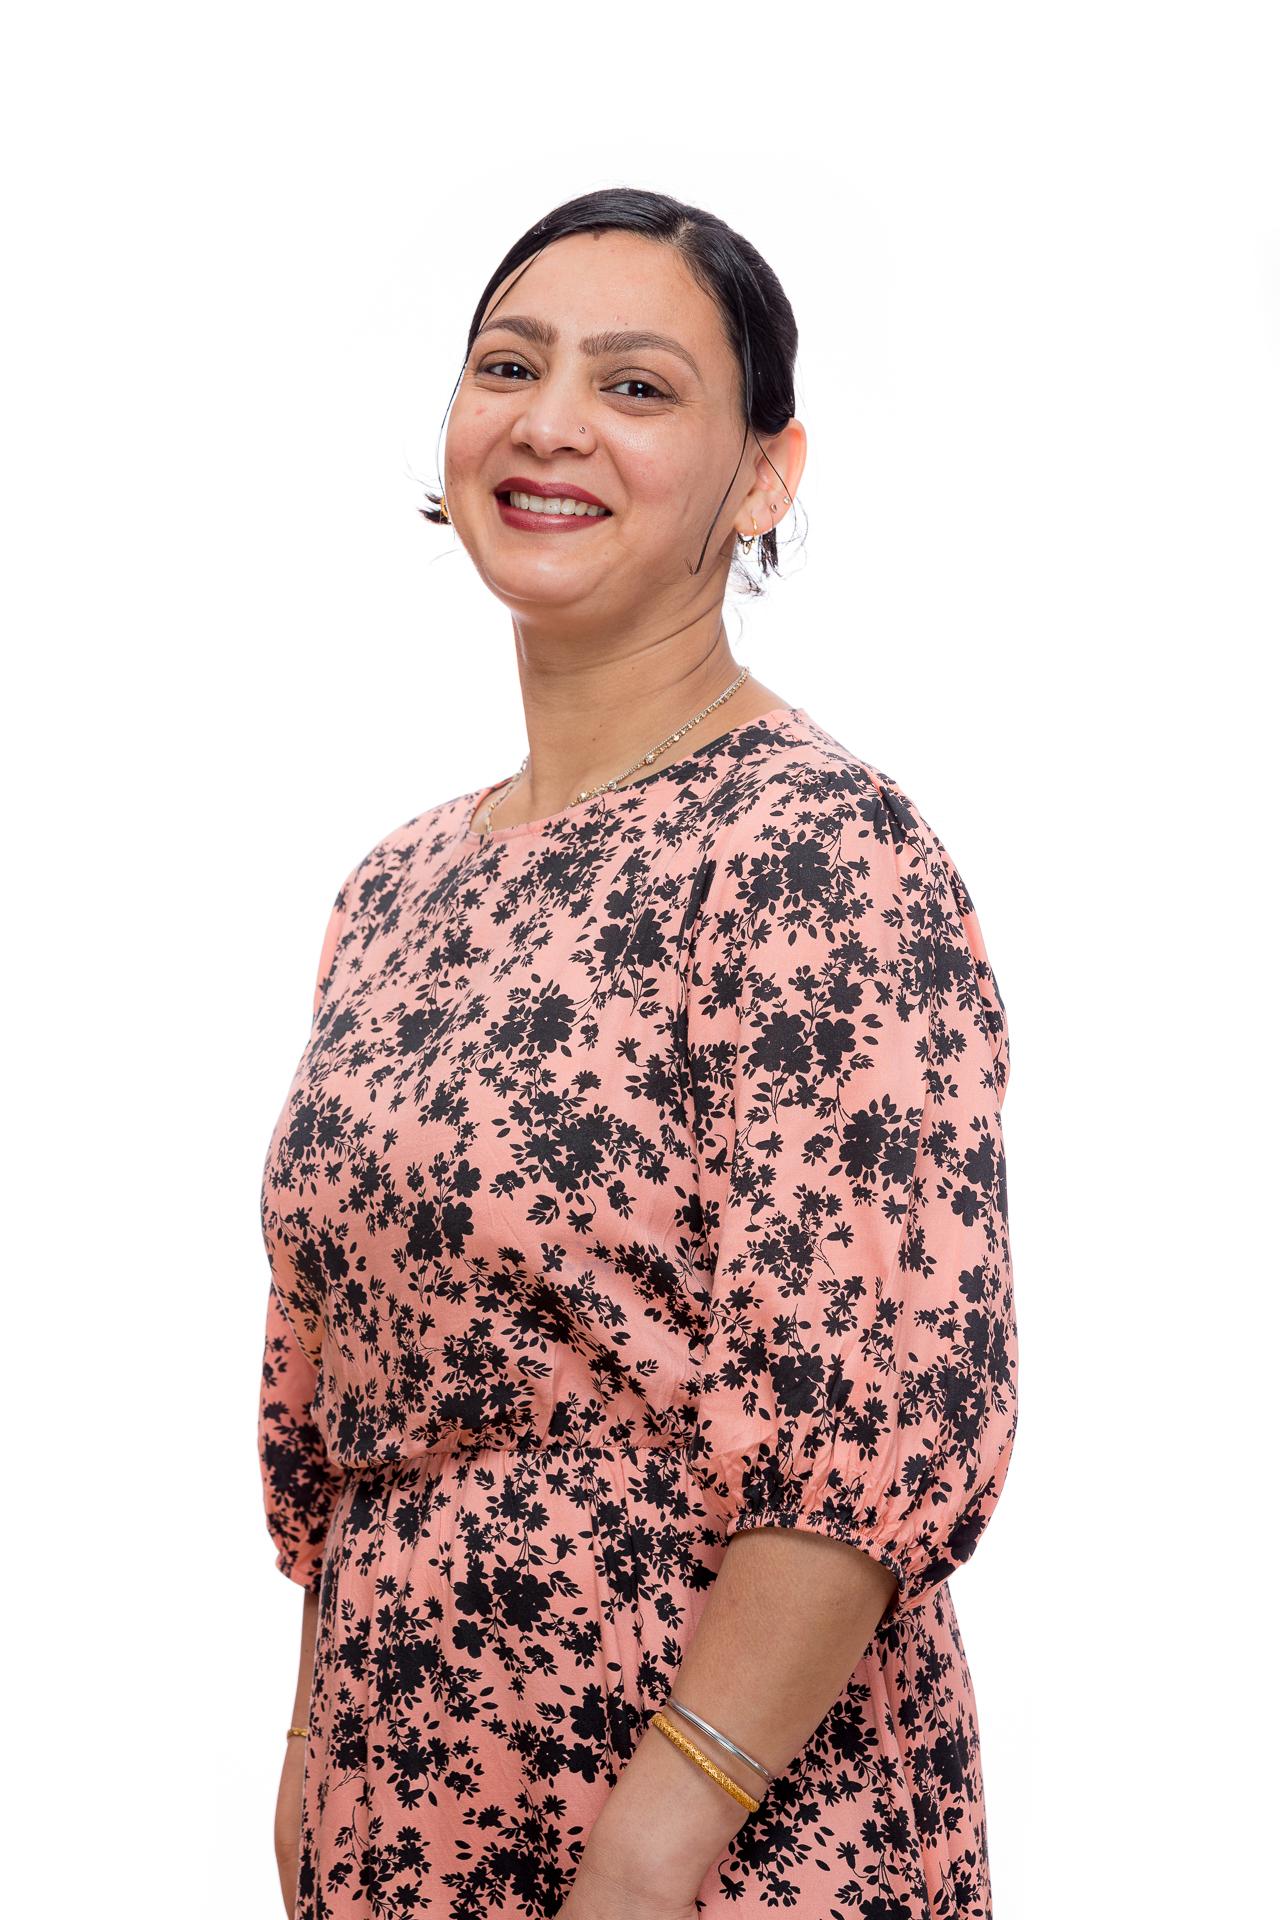 Mrs P Kaur